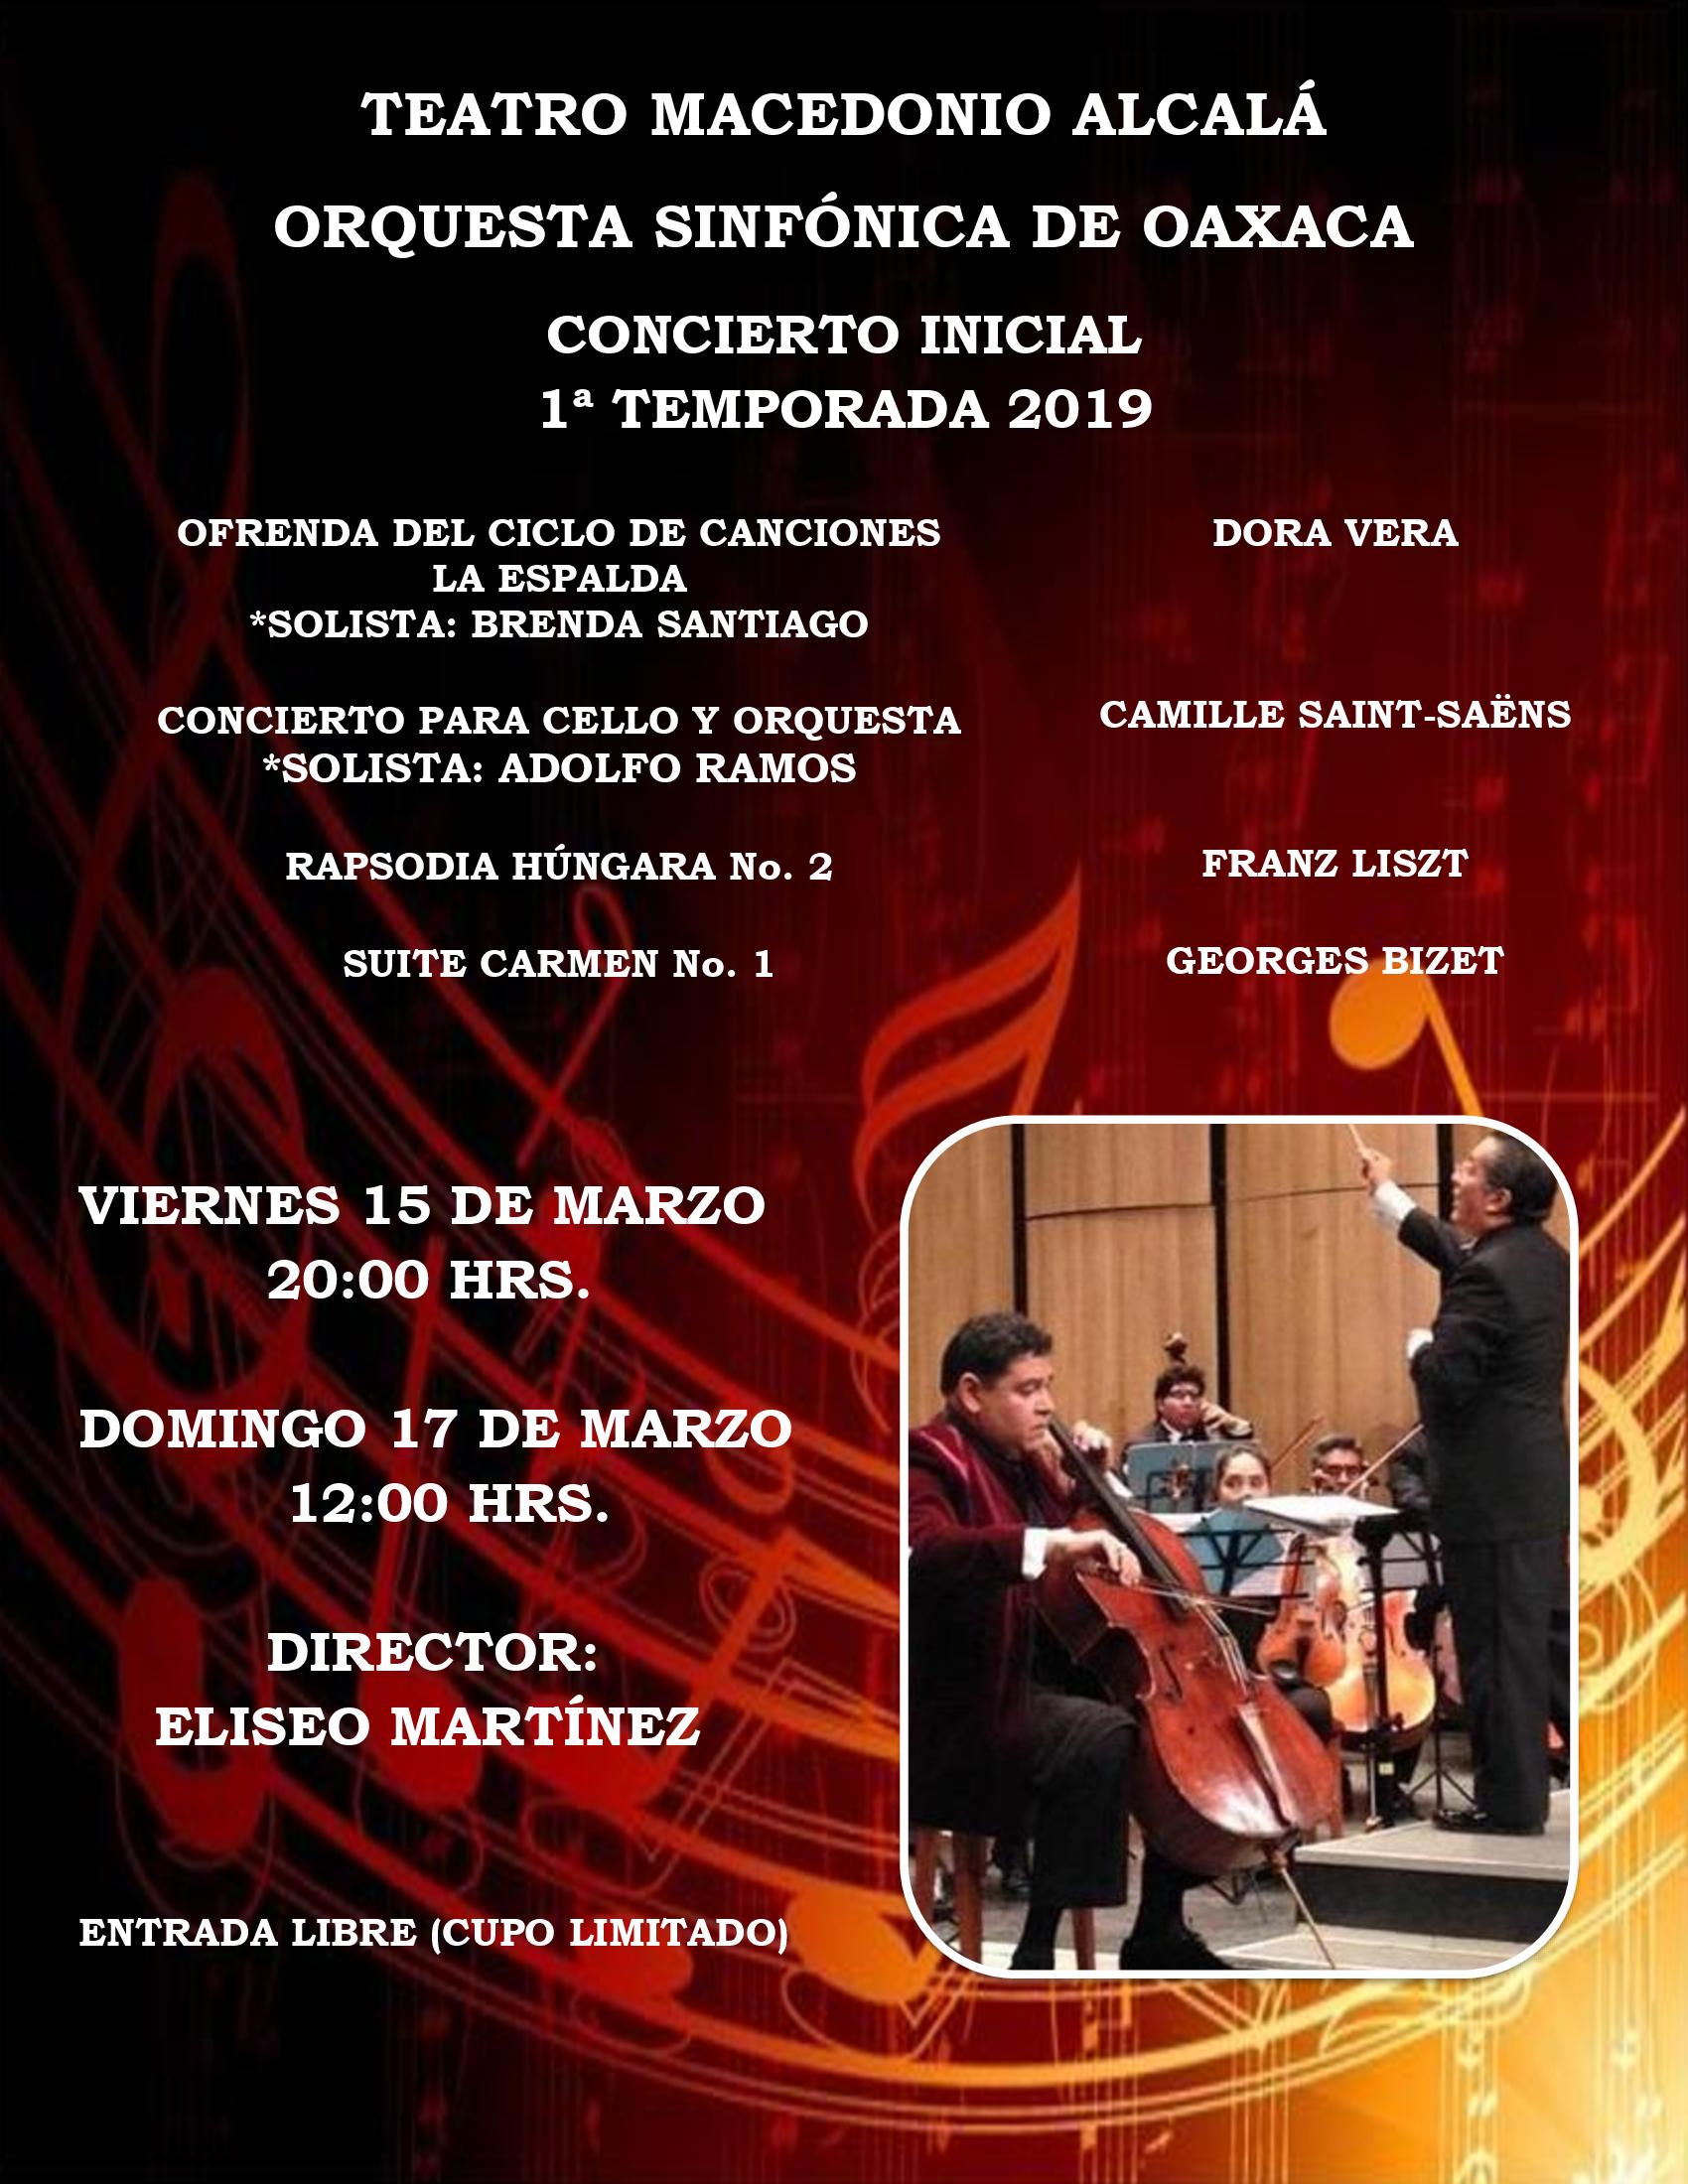 Orquesta Sinfónica de Oaxaca - Concierto 1